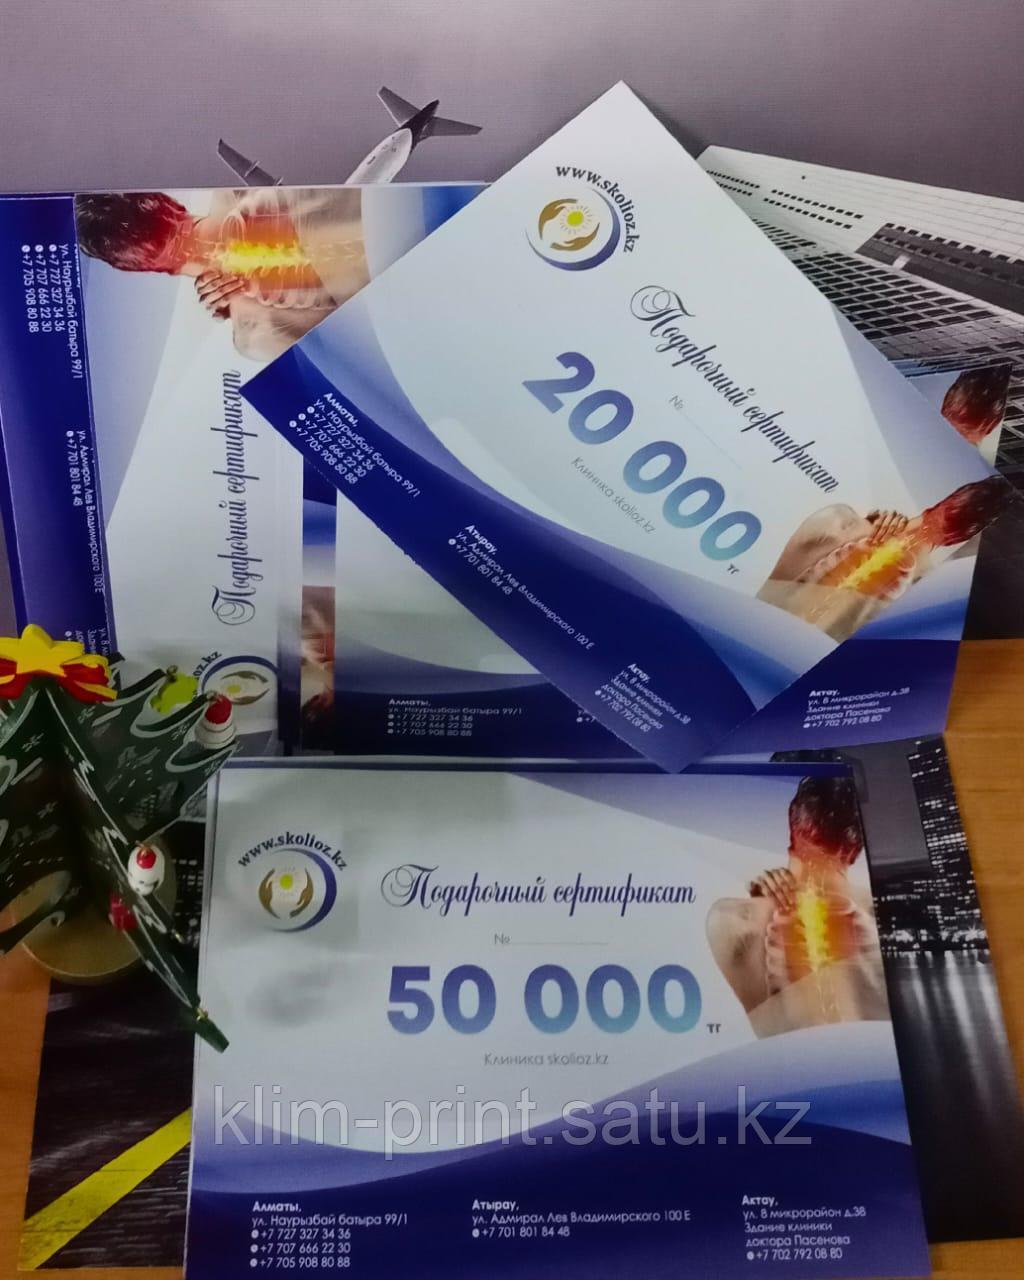 Печать сертификатов  в Алматы Заказать сертификаты в Алматы Дизайн сертификатов в Алматы